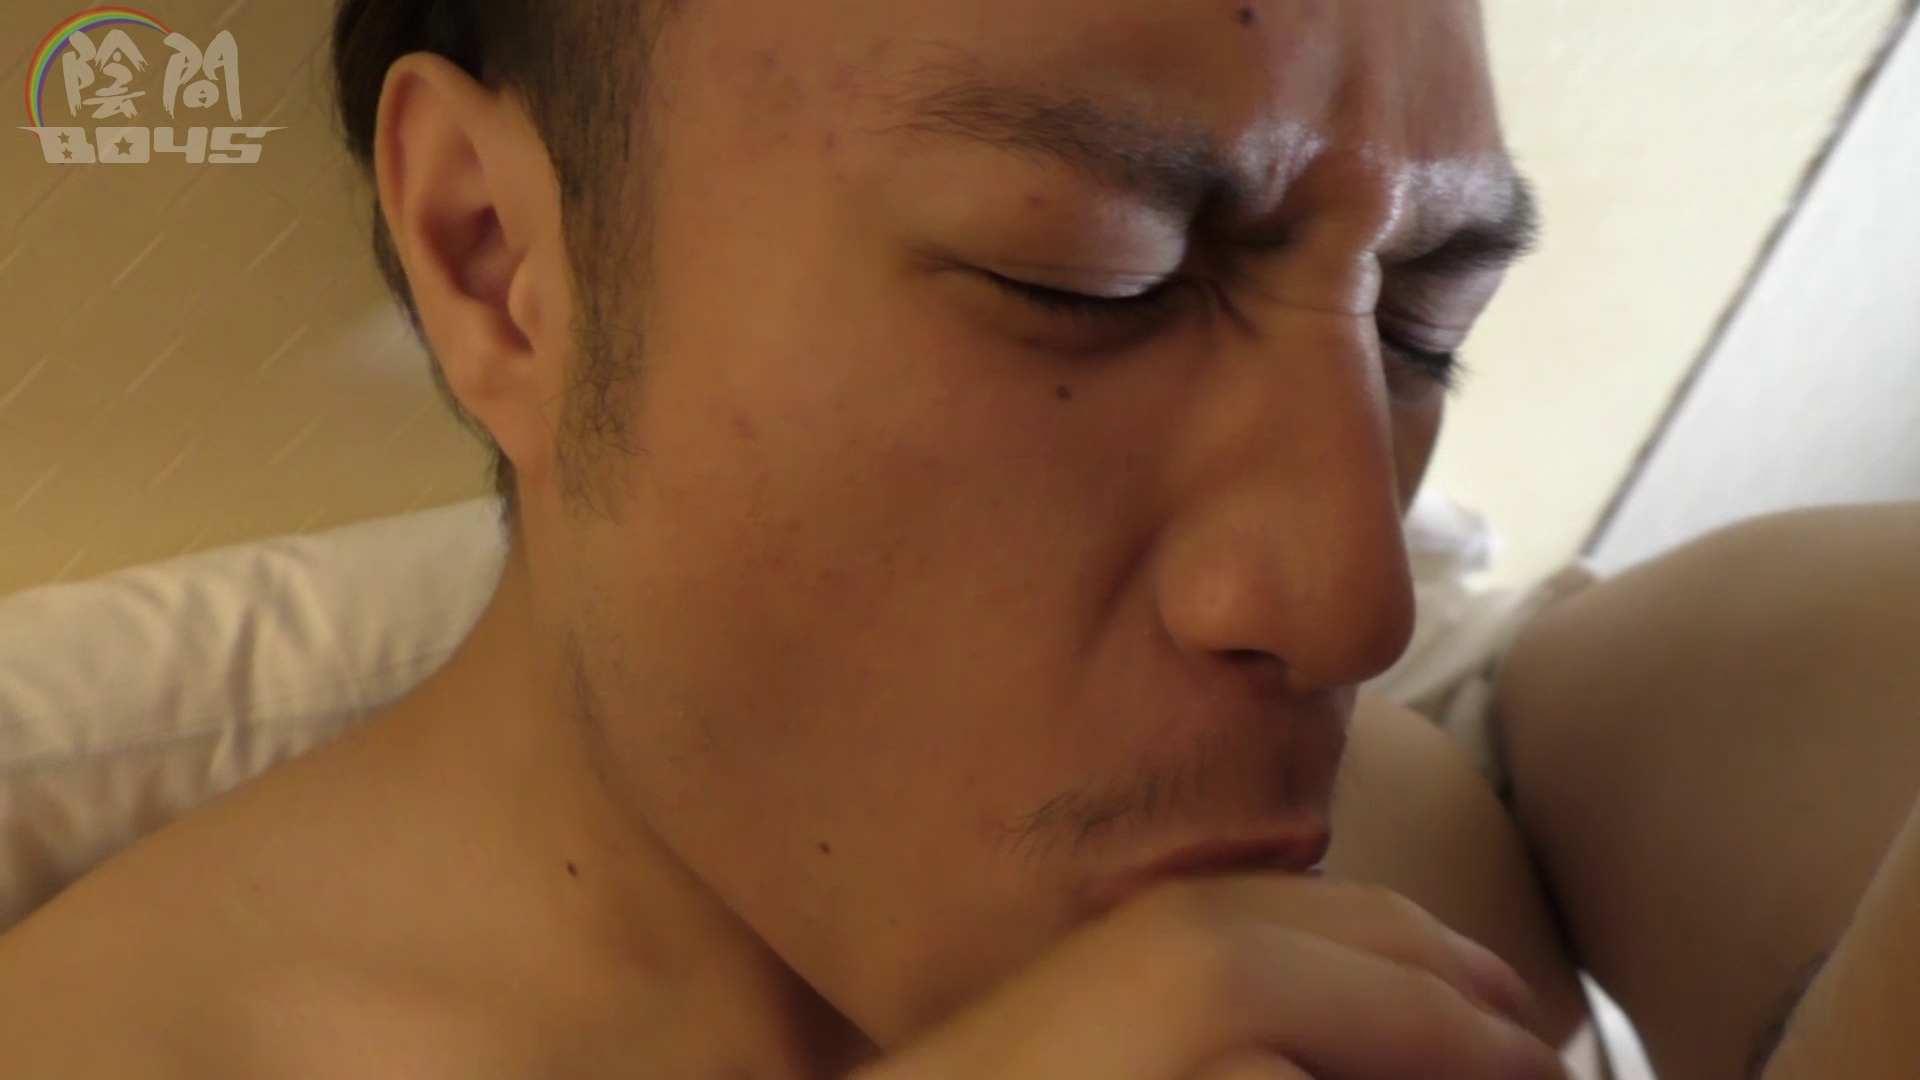 """ADのお仕事part4 No.03""""中出しだけは勘弁"""" 悪戯動画 ゲイAV画像 108pic 26"""